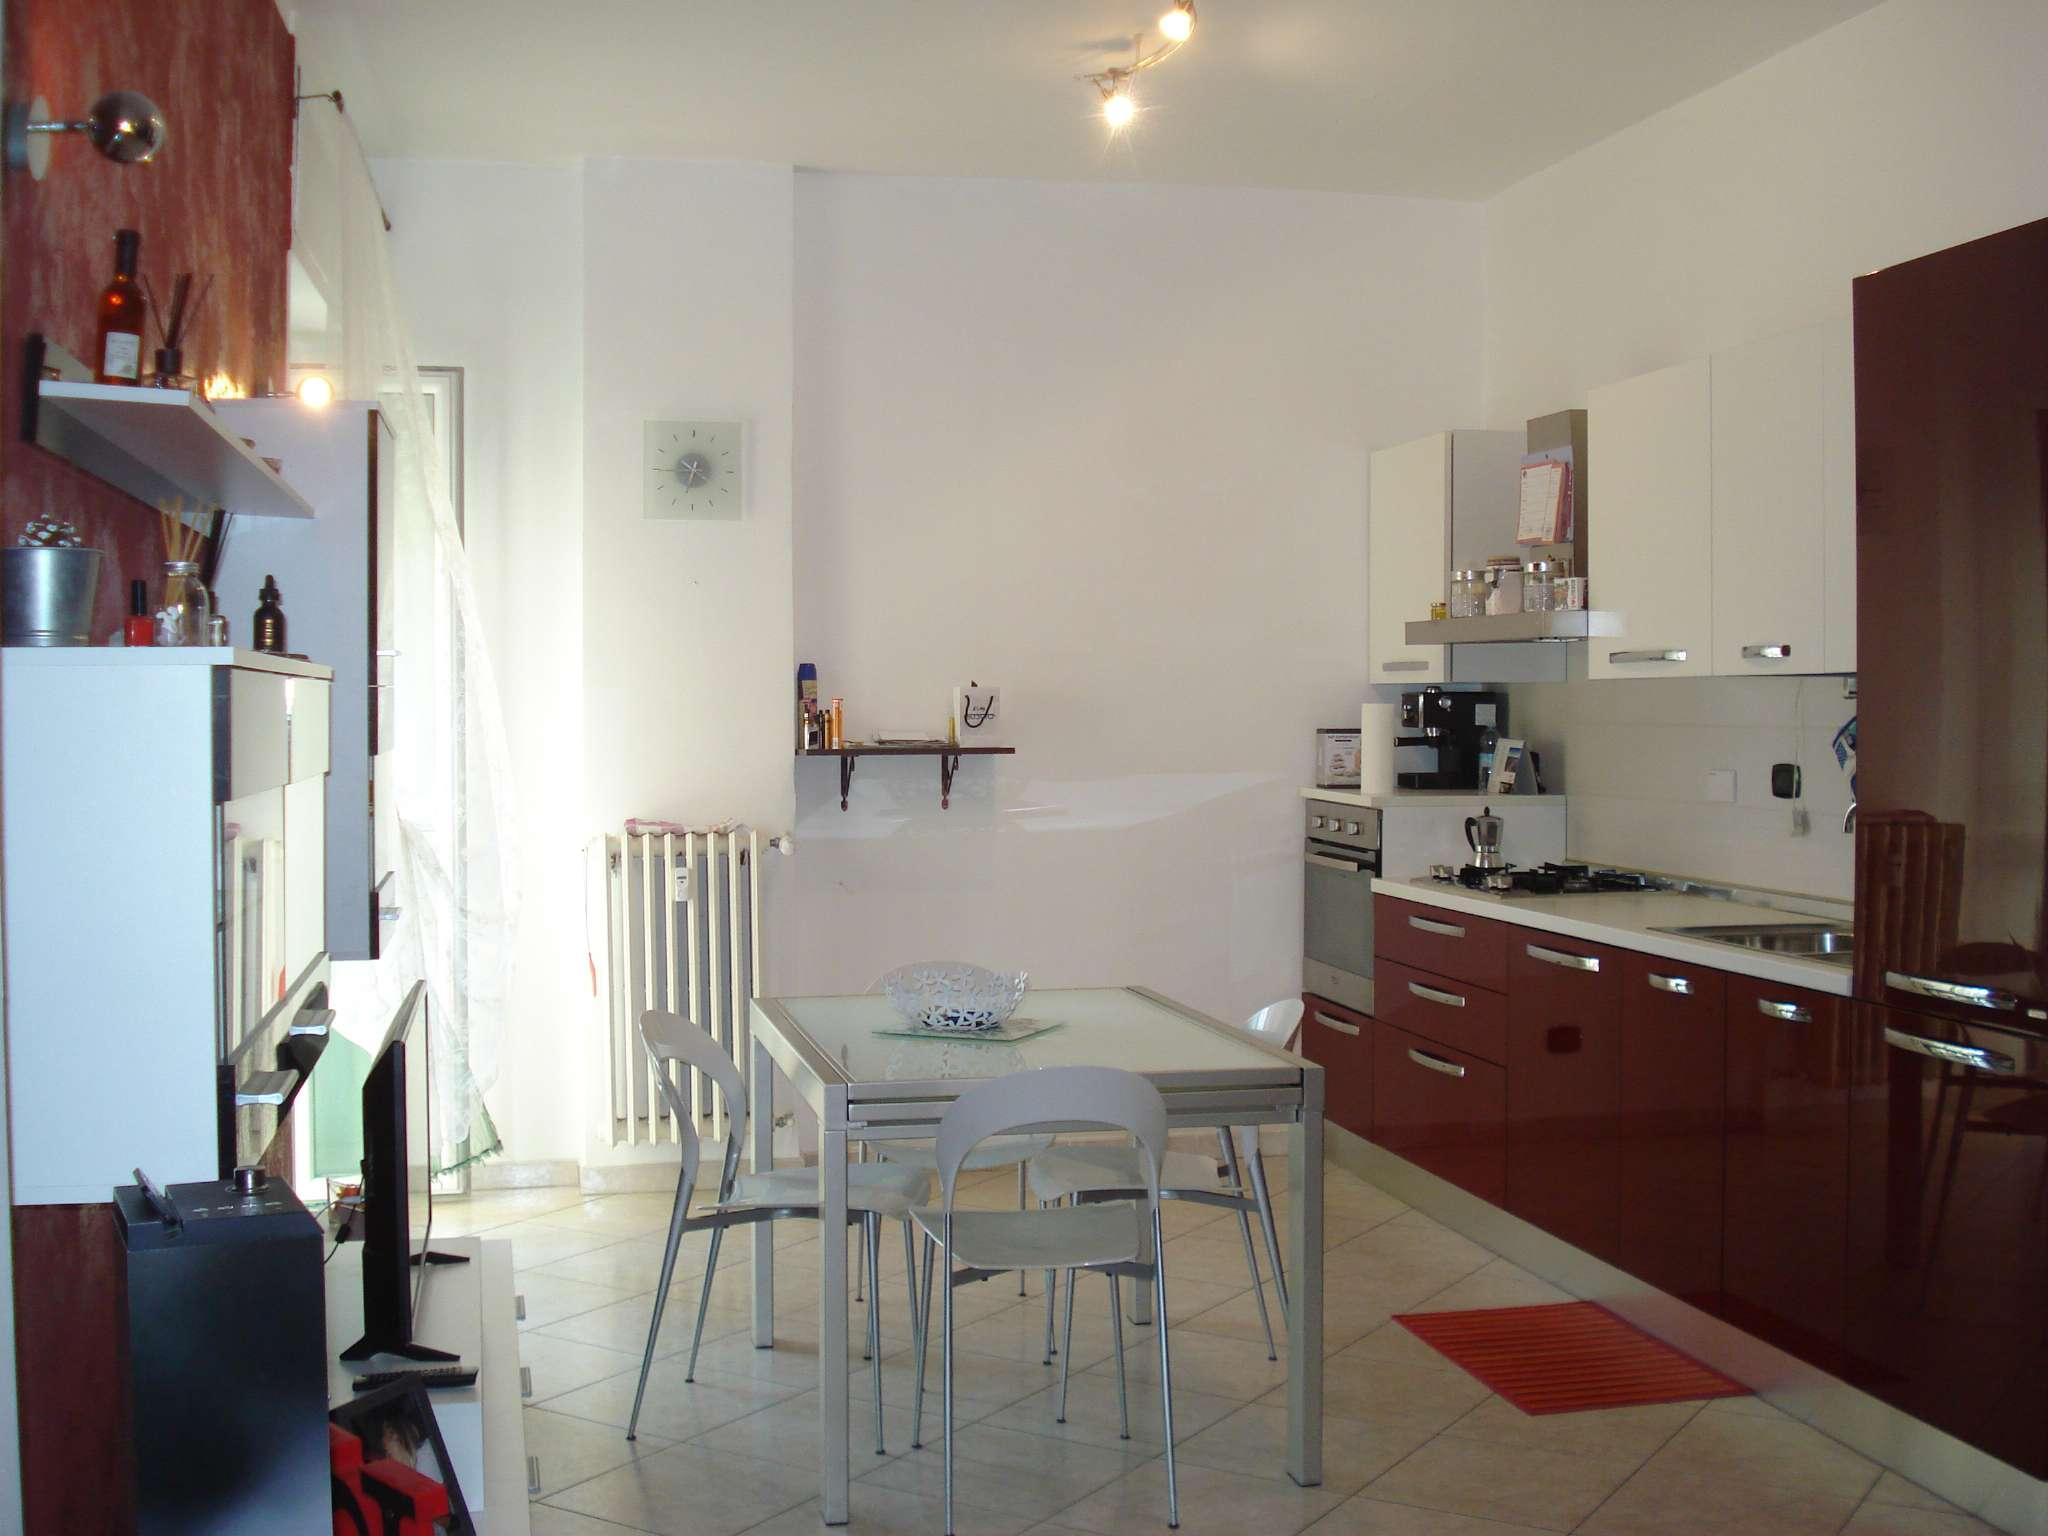 Appartamento in vendita a Beinasco, 3 locali, prezzo € 109.000 | CambioCasa.it